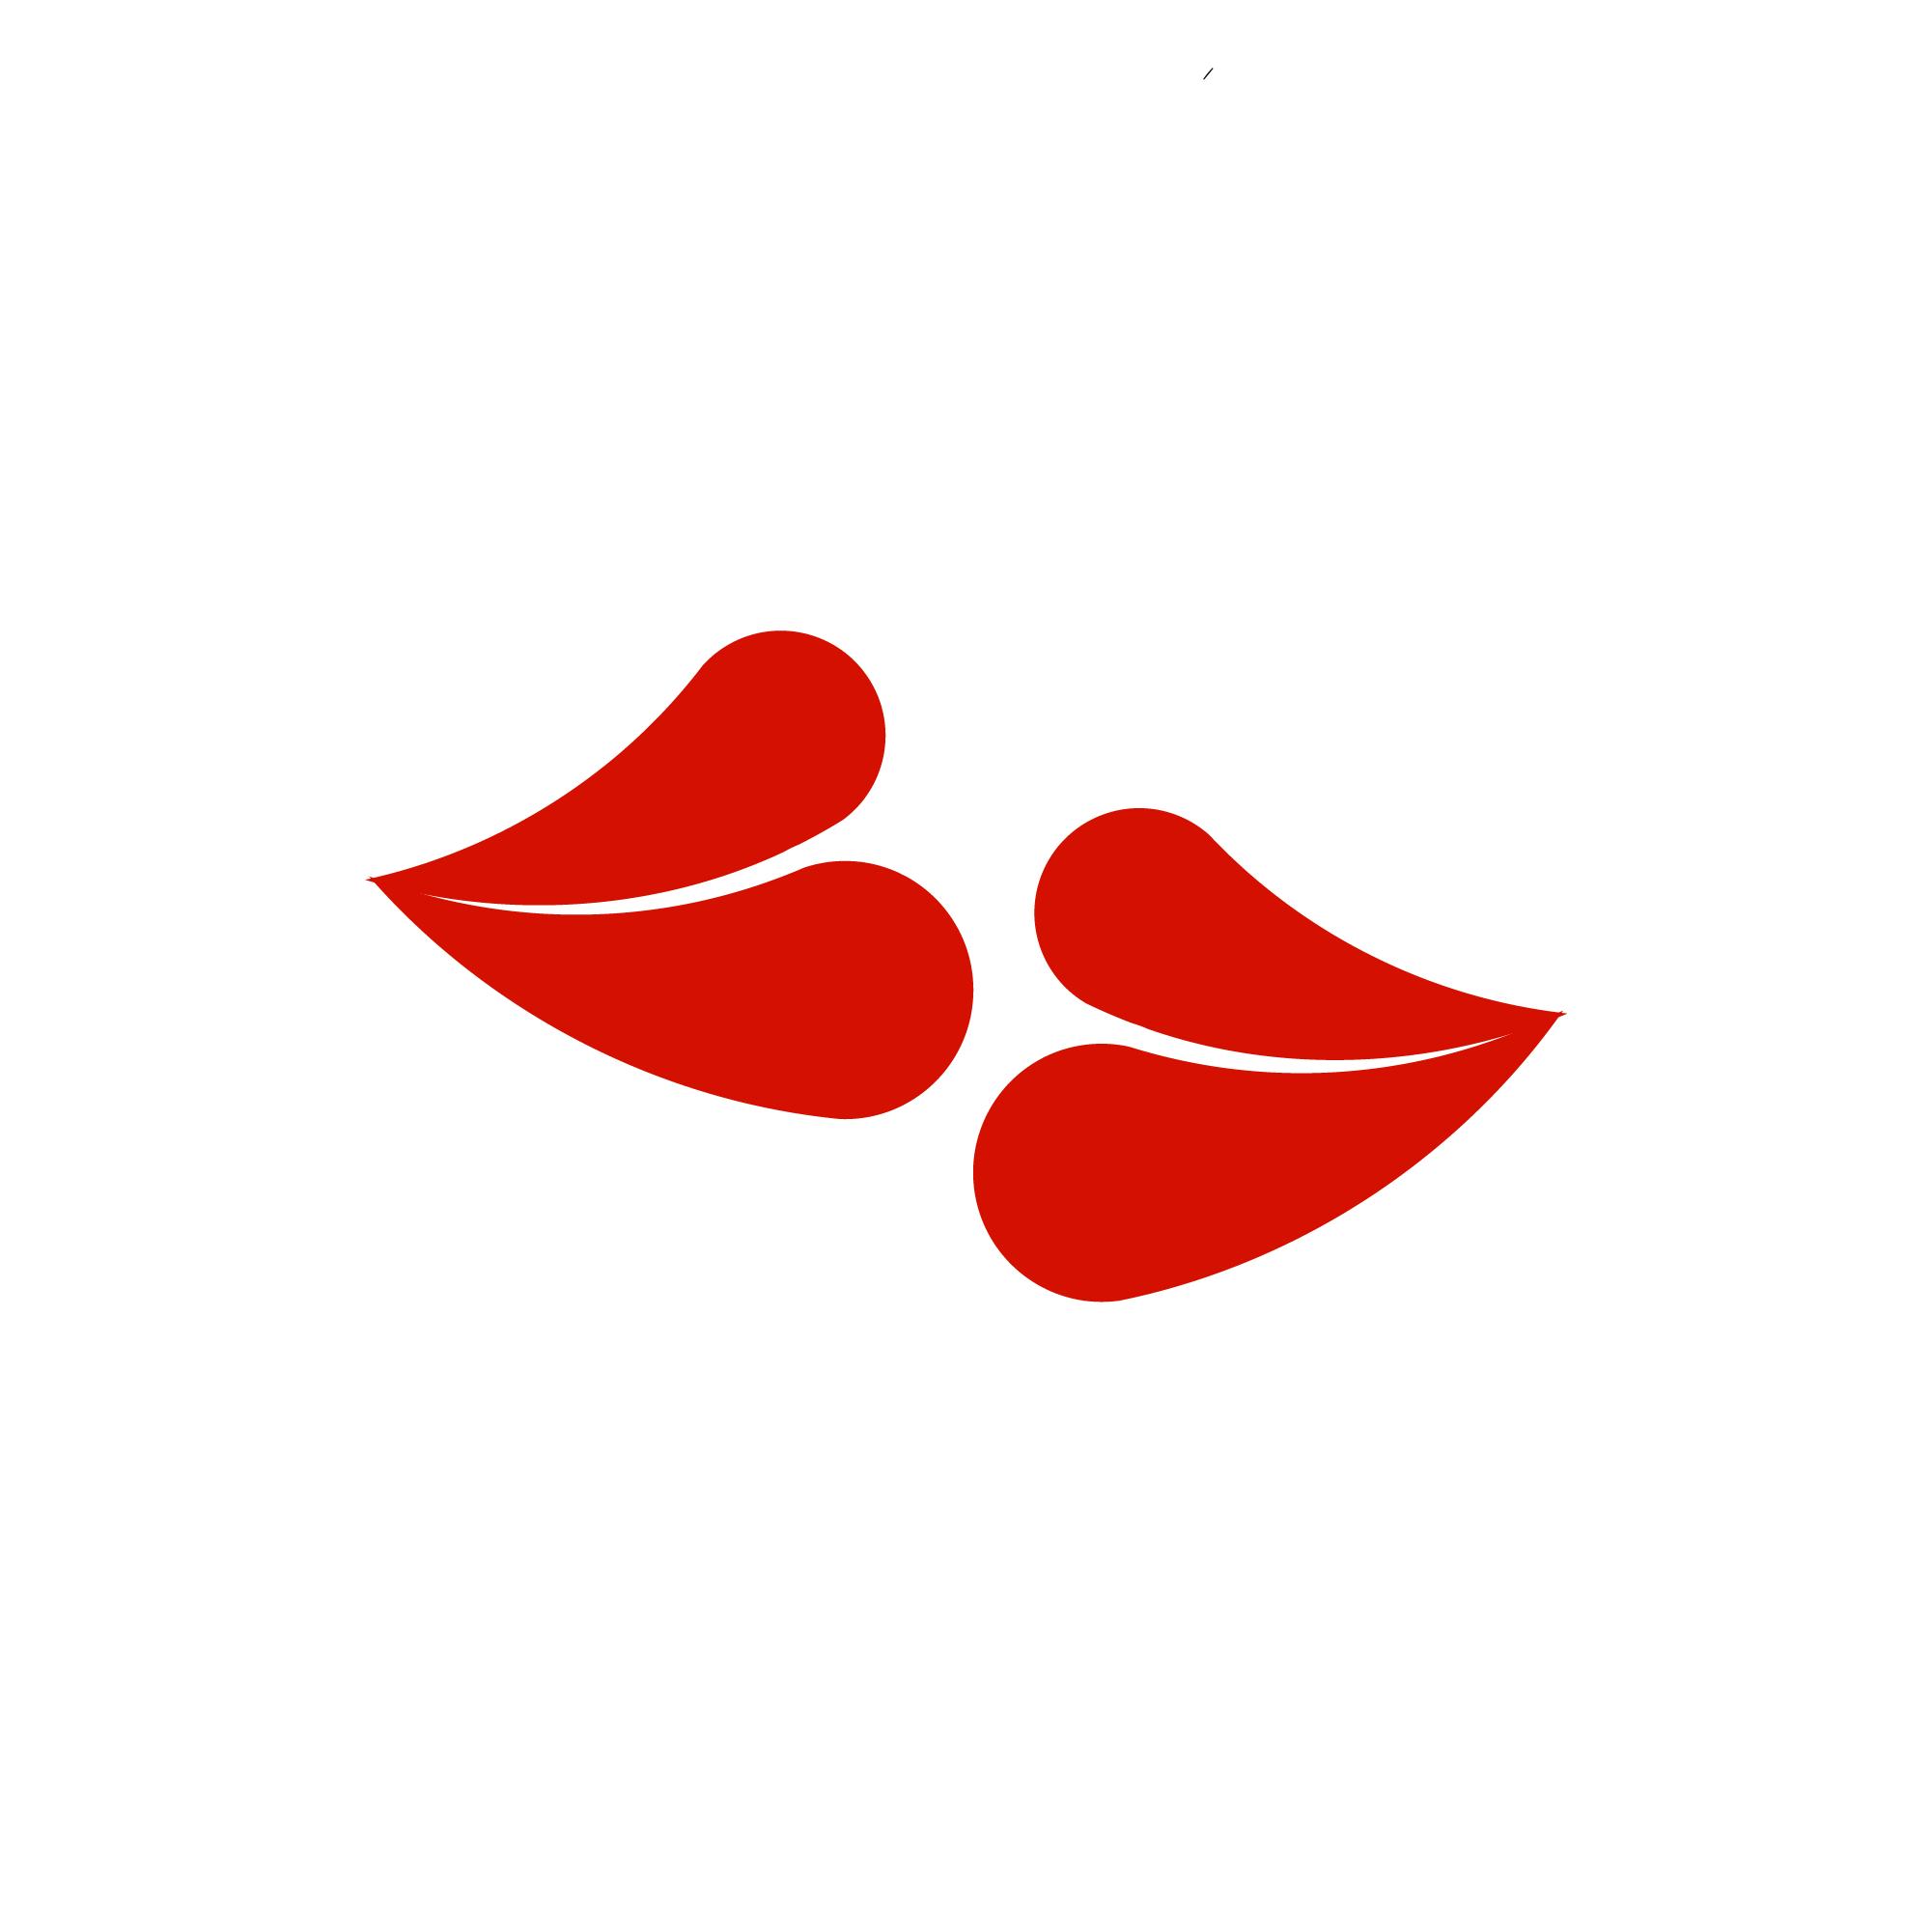 Улучшить и так хороший Товарный Знак фото f_2625ef1115c90f8b.png